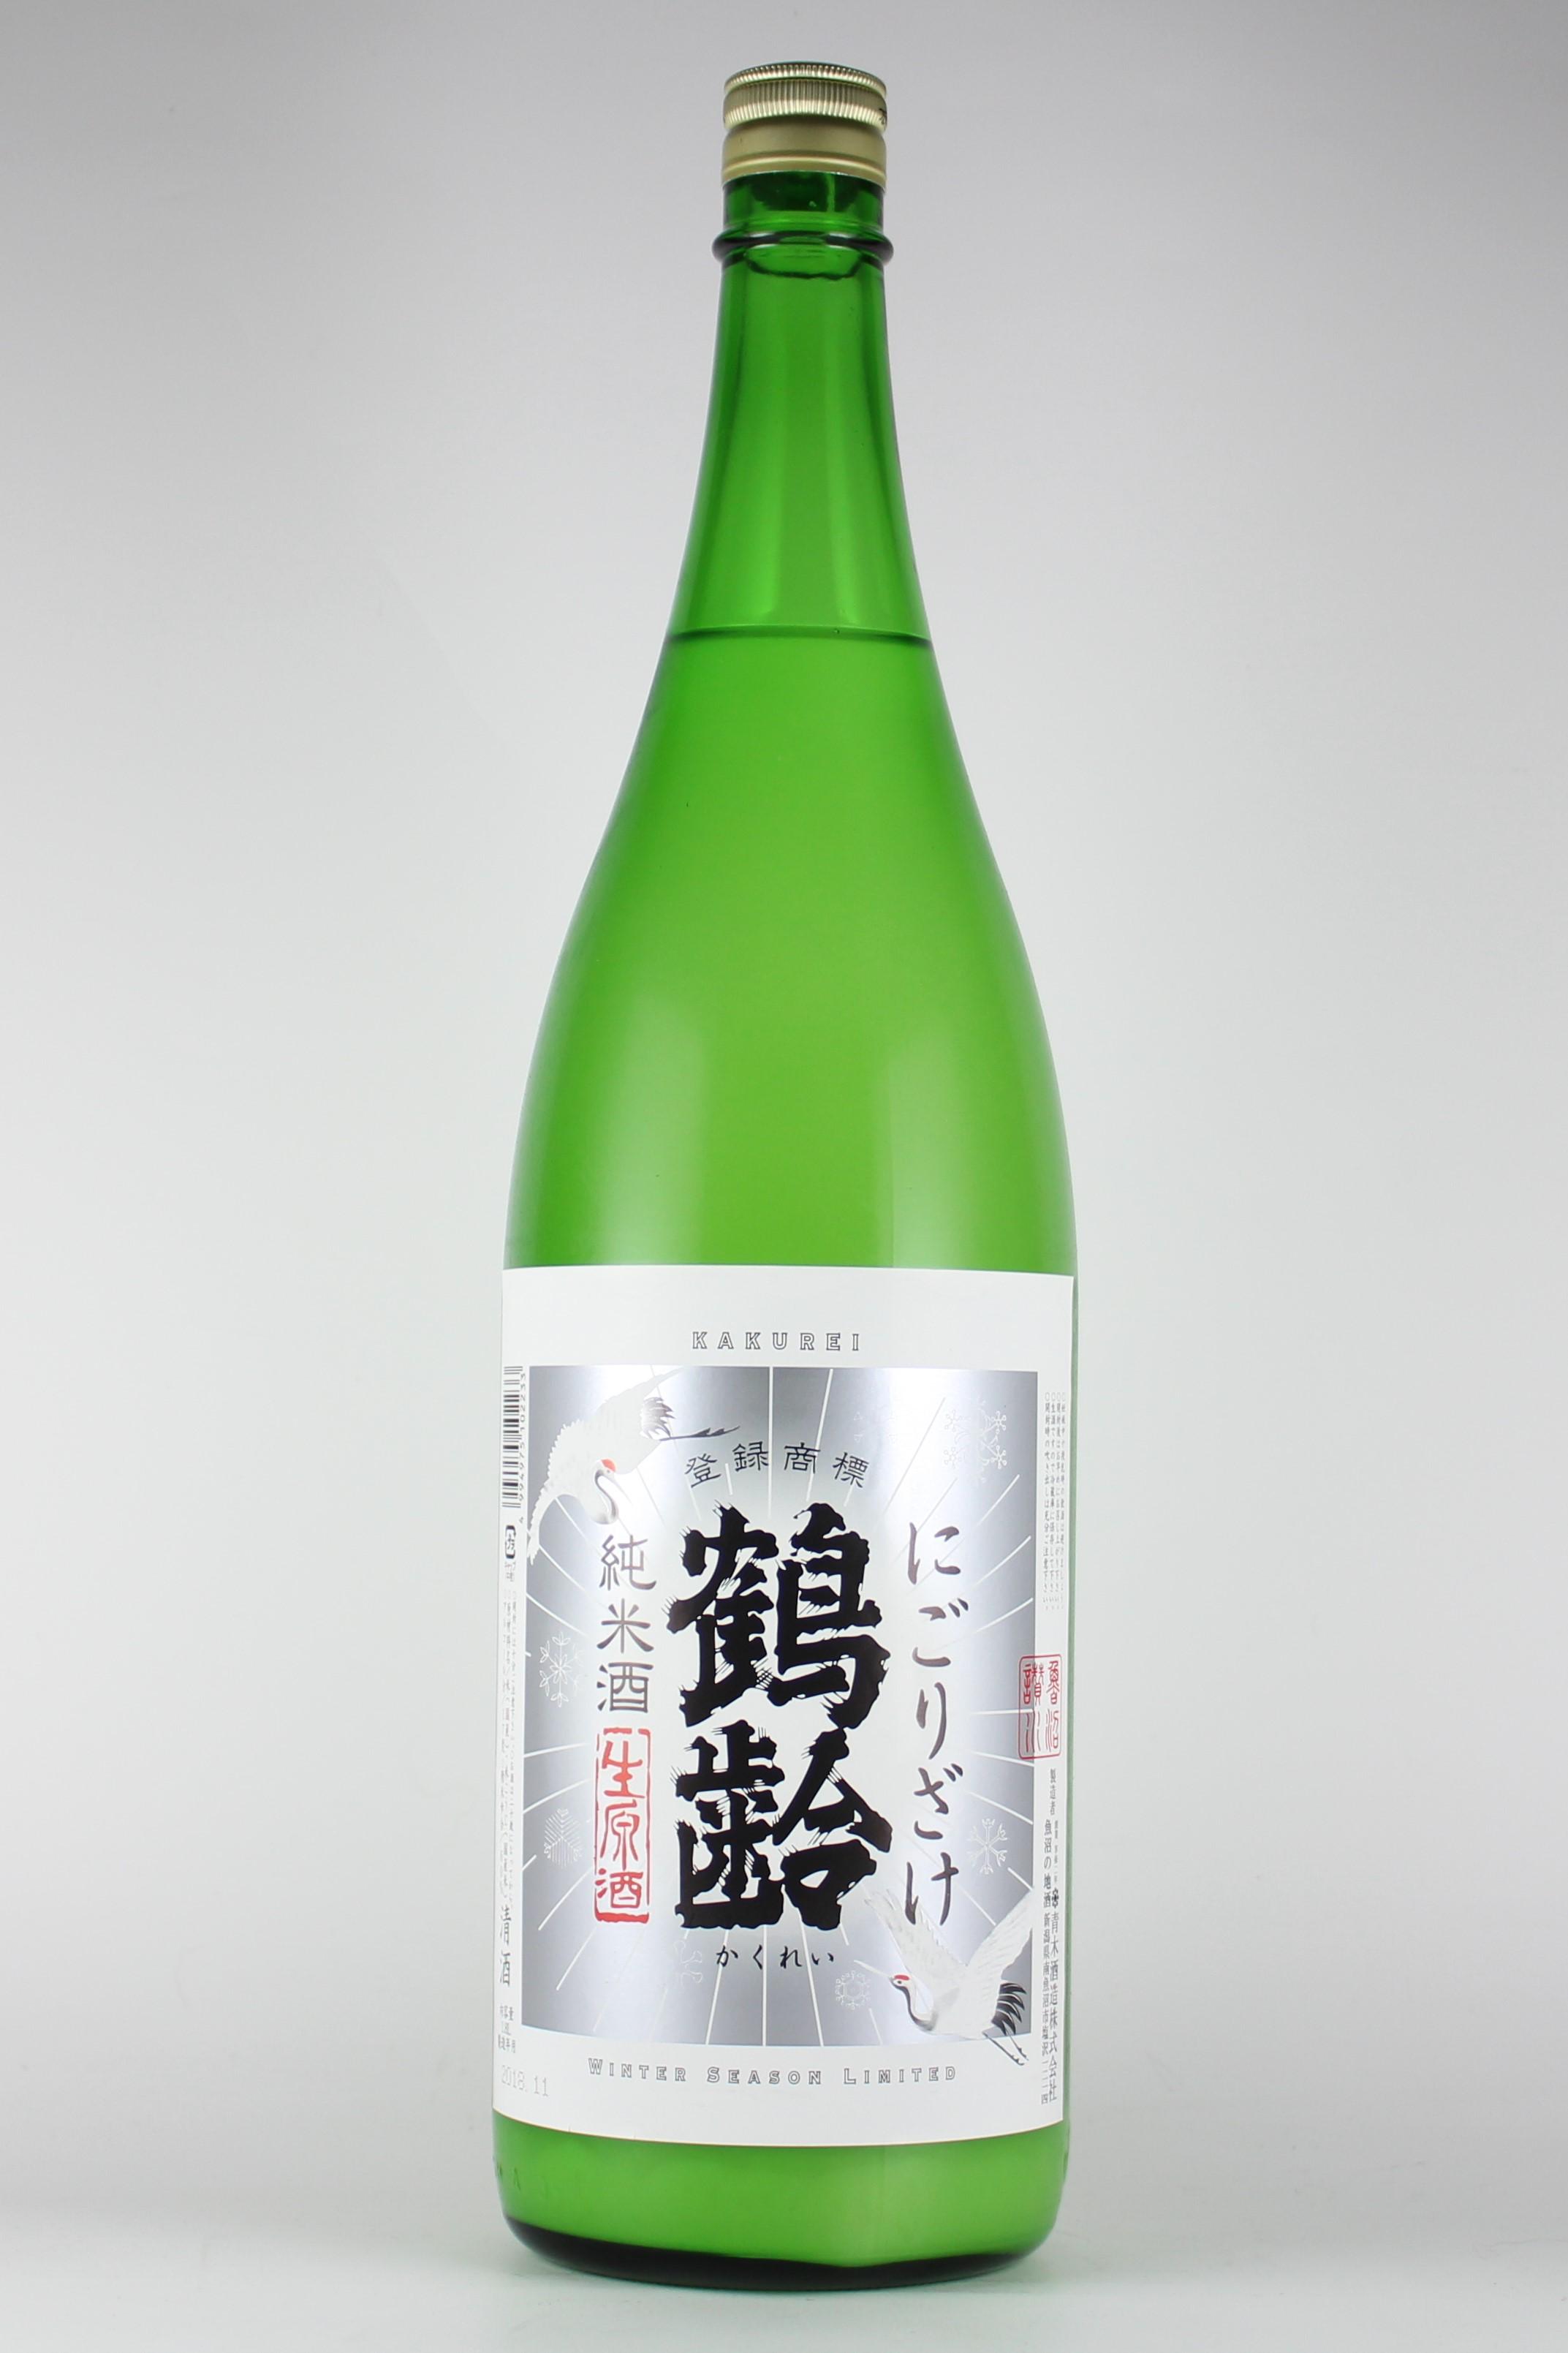 鶴齢 純米活性にごり 1800ml 【新潟/青木酒造】